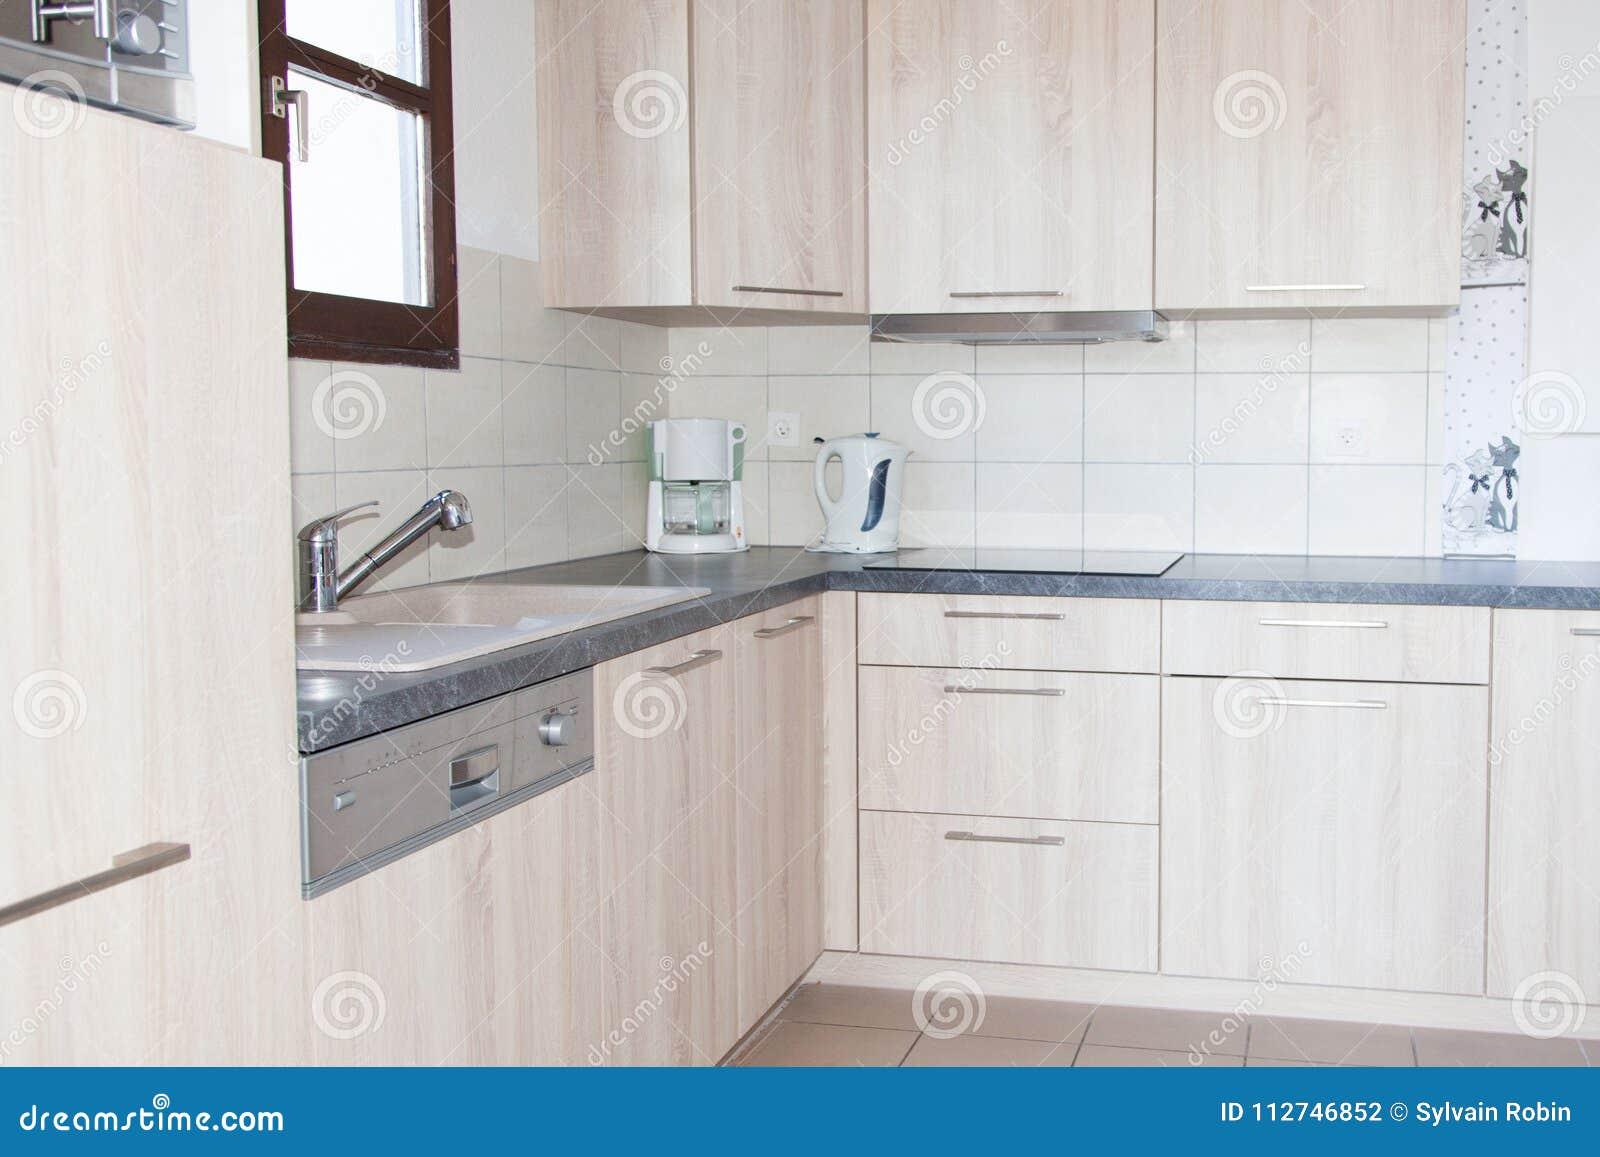 Cocina moderna y limpia en una nueva casa